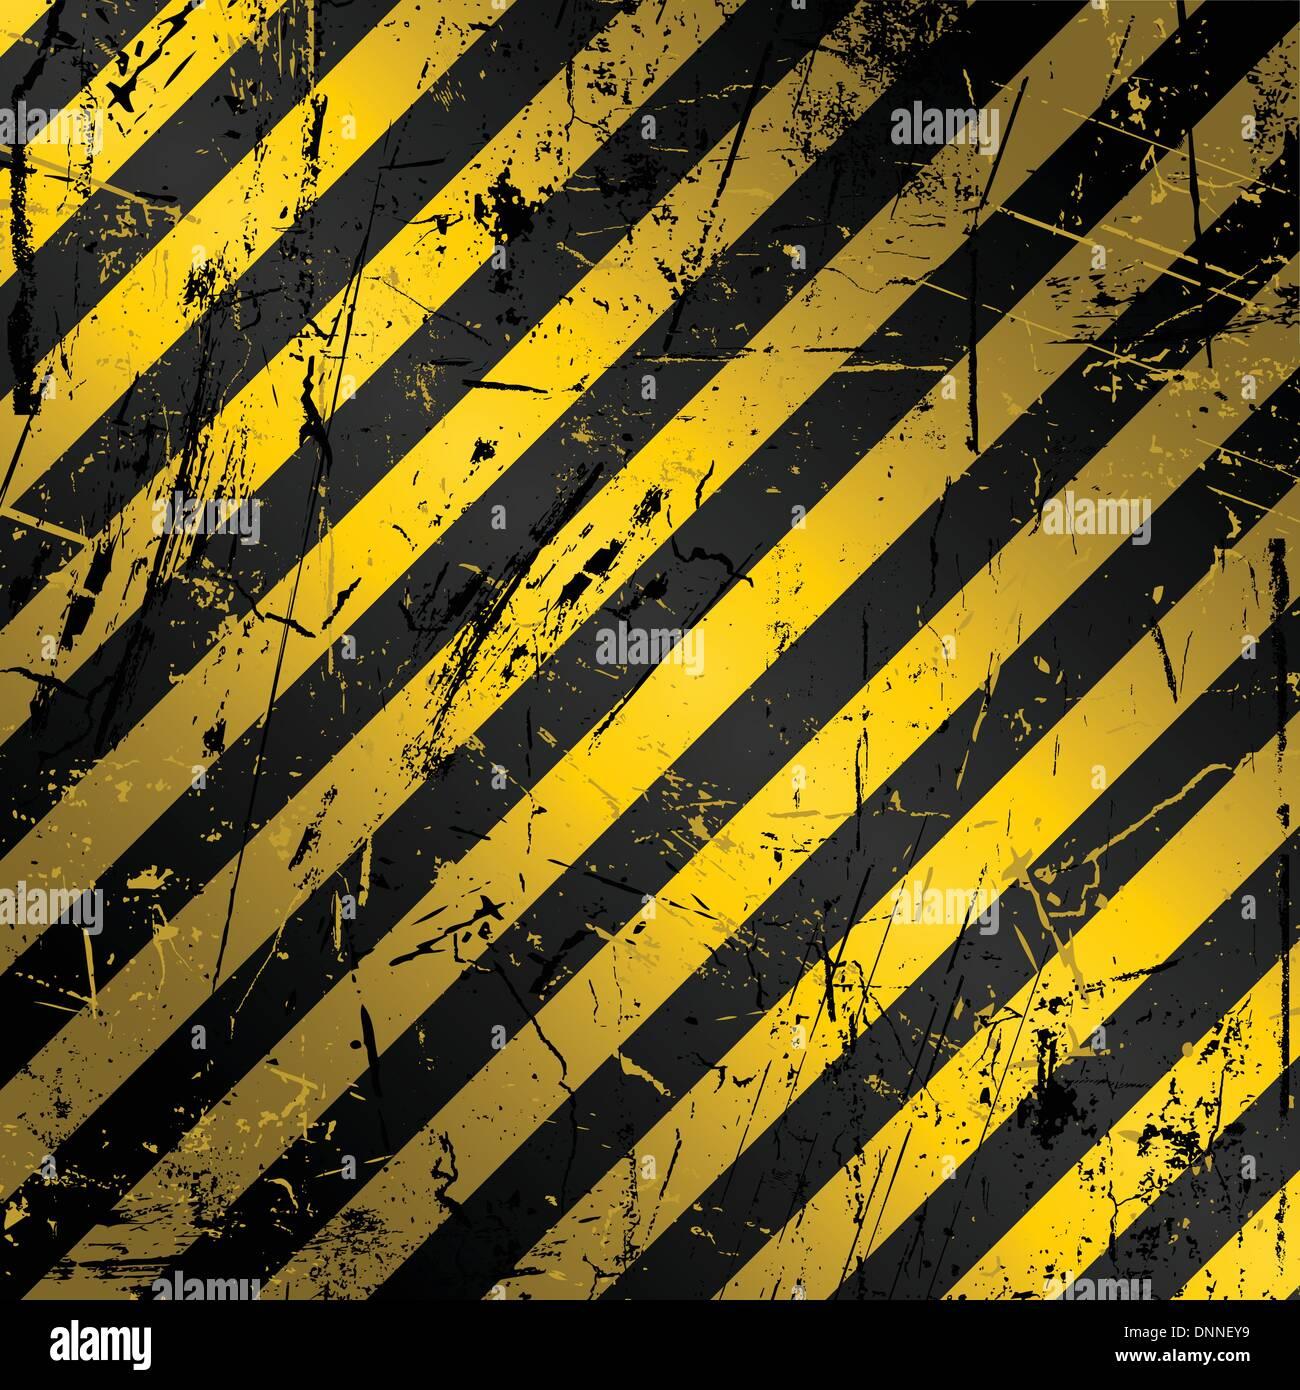 Grunge con textura de fondo de construcción en amarillo y negro. Imagen De Stock